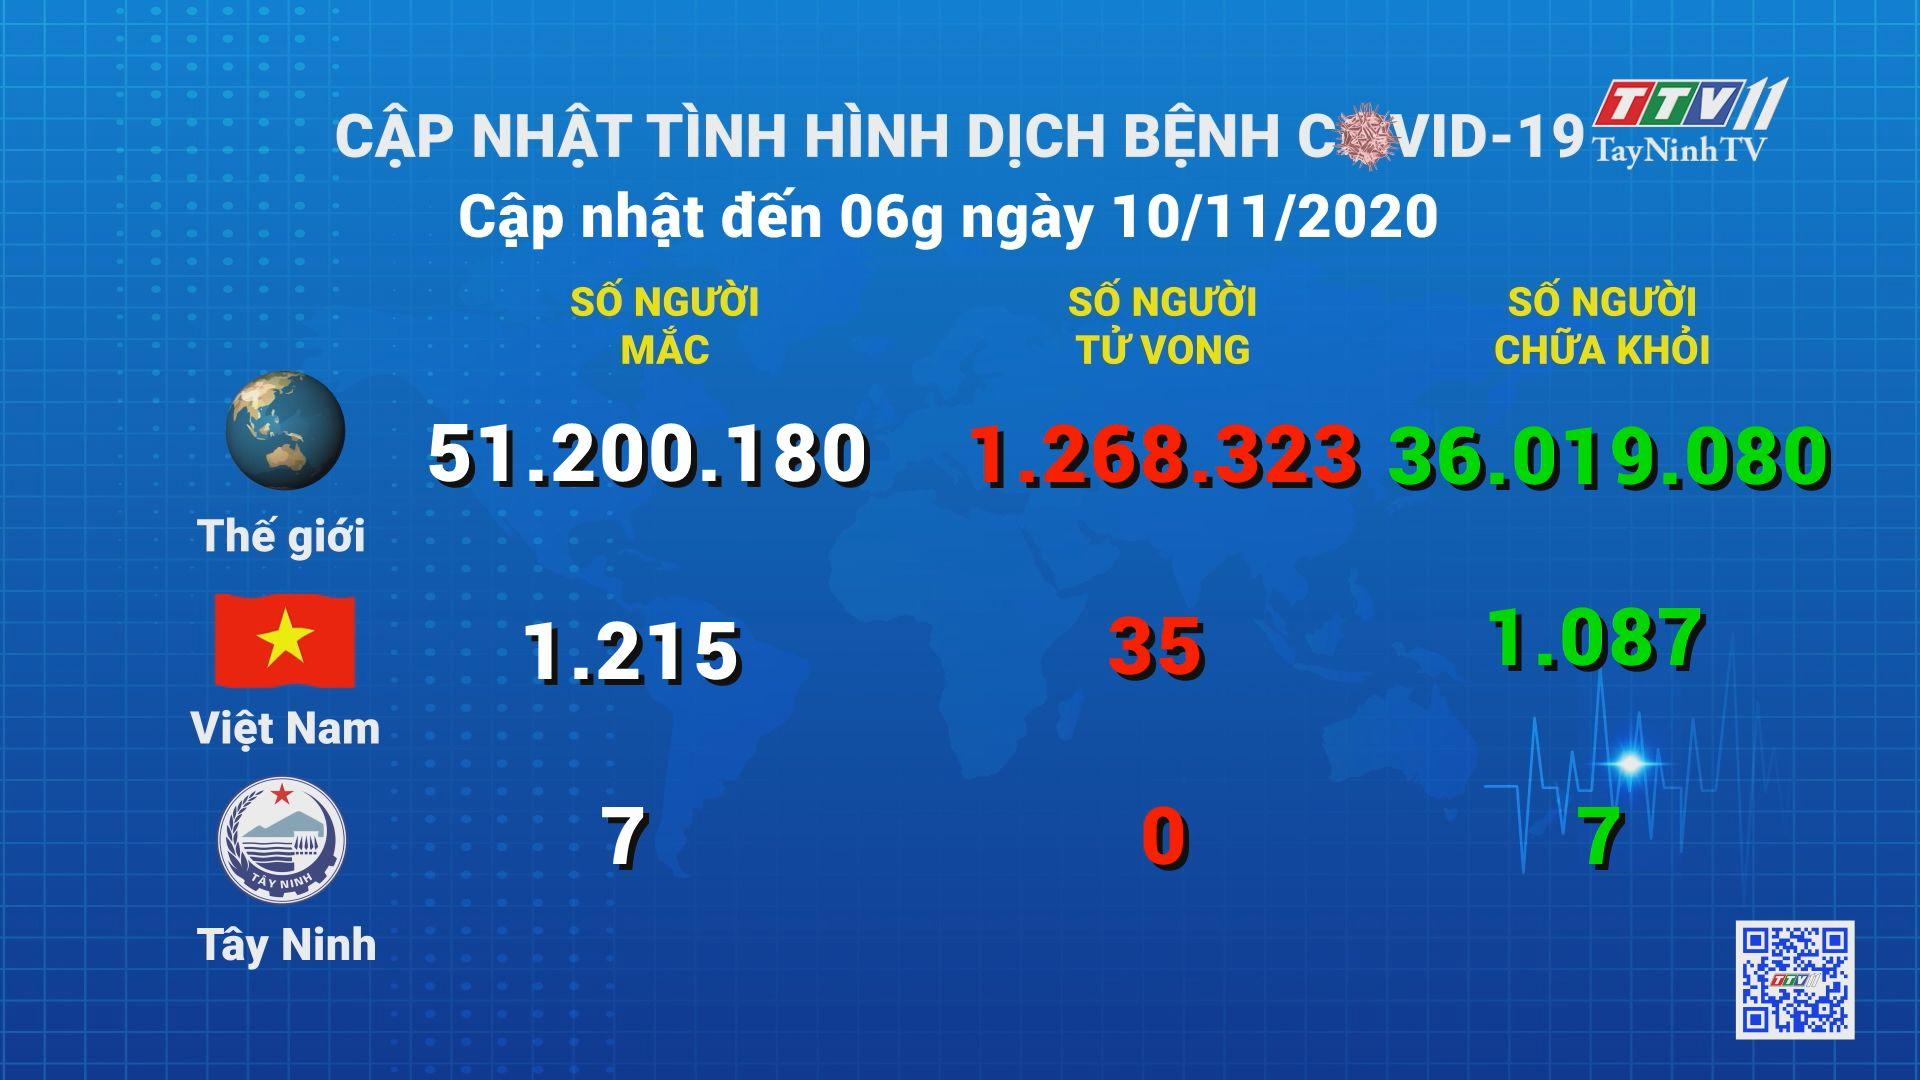 Cập nhật tình hình Covid-19 vào lúc 06 giờ 10-11-2020 | Thông tin dịch Covid-19 | TayNinhTV